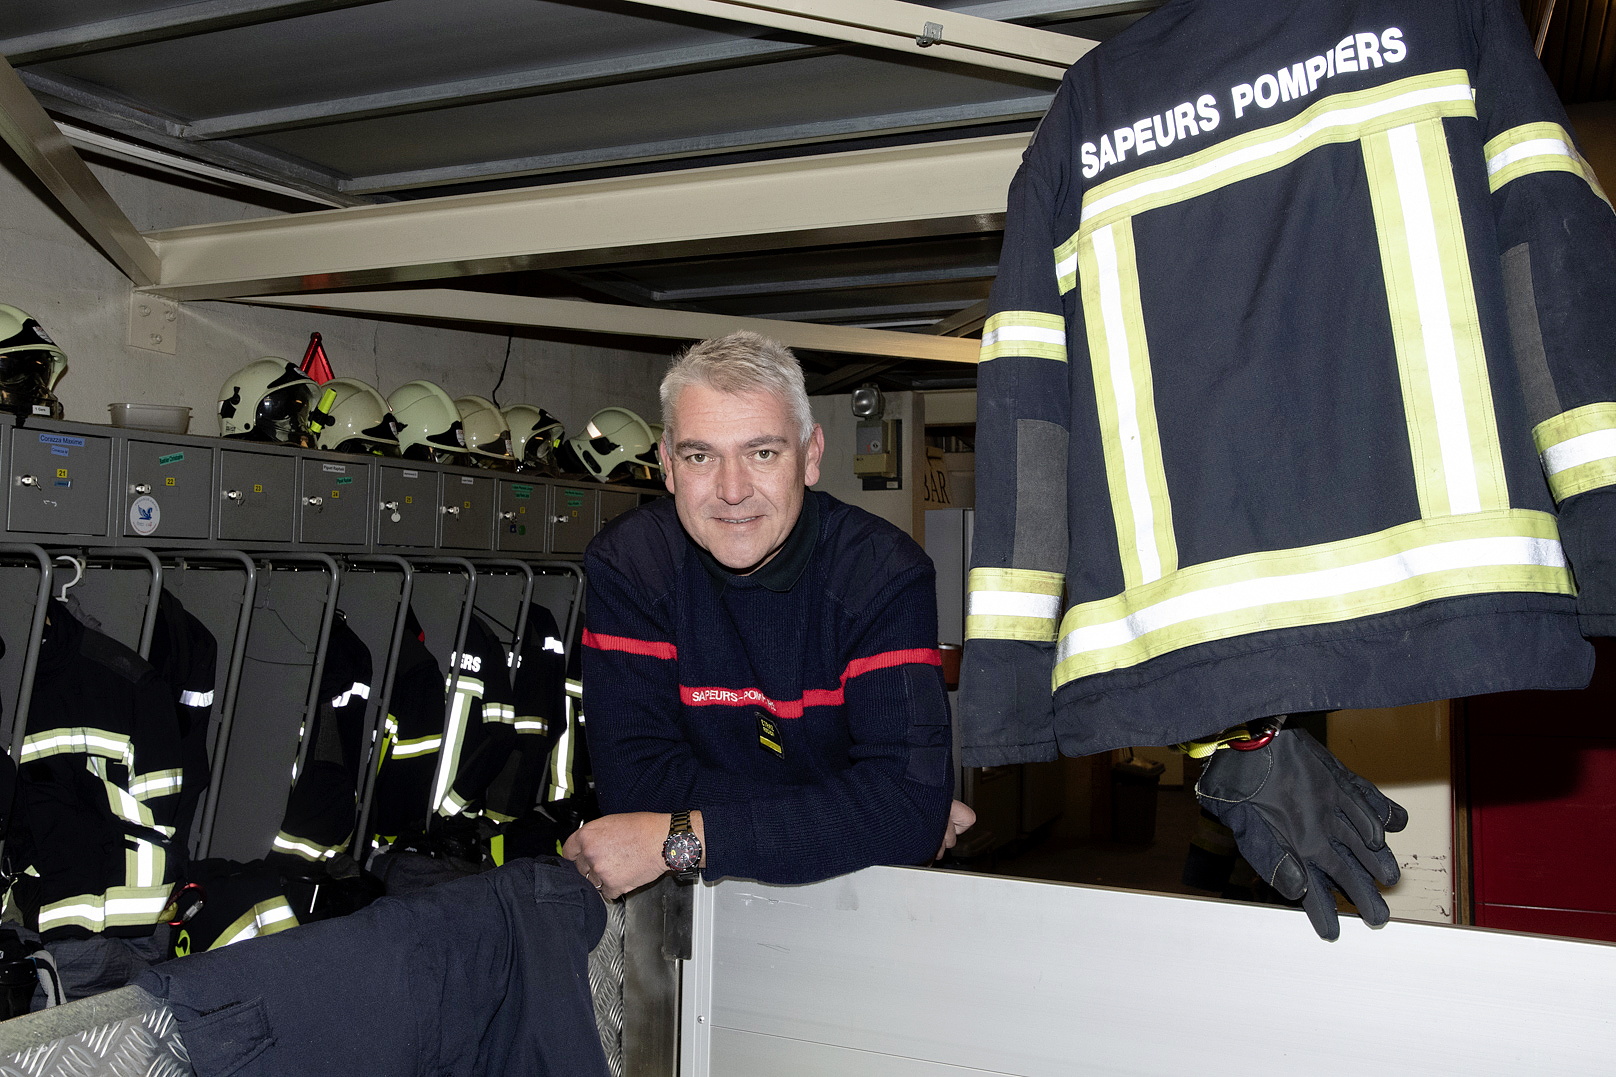 Nouveau foyer pour les pompiers